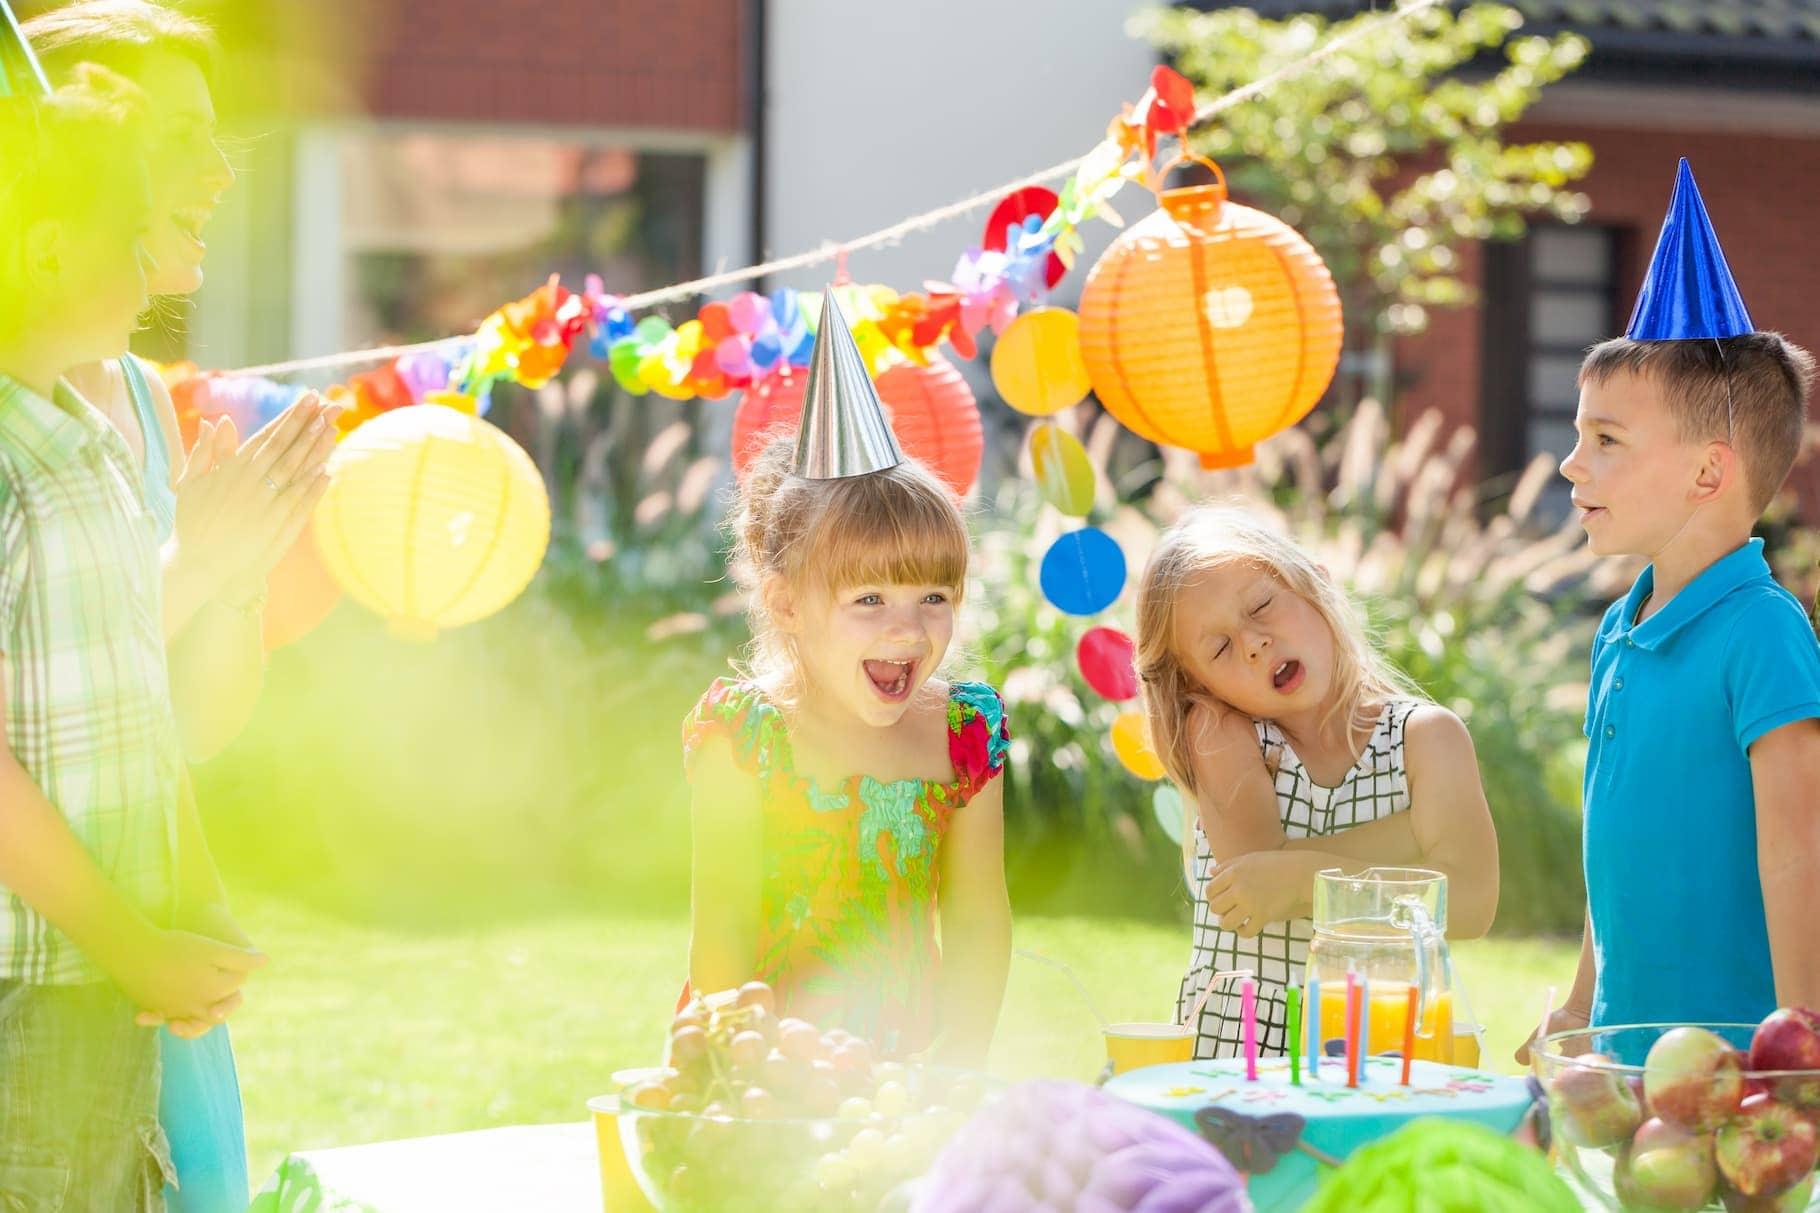 children-and-birthday-party-PNUJGF2 (1)